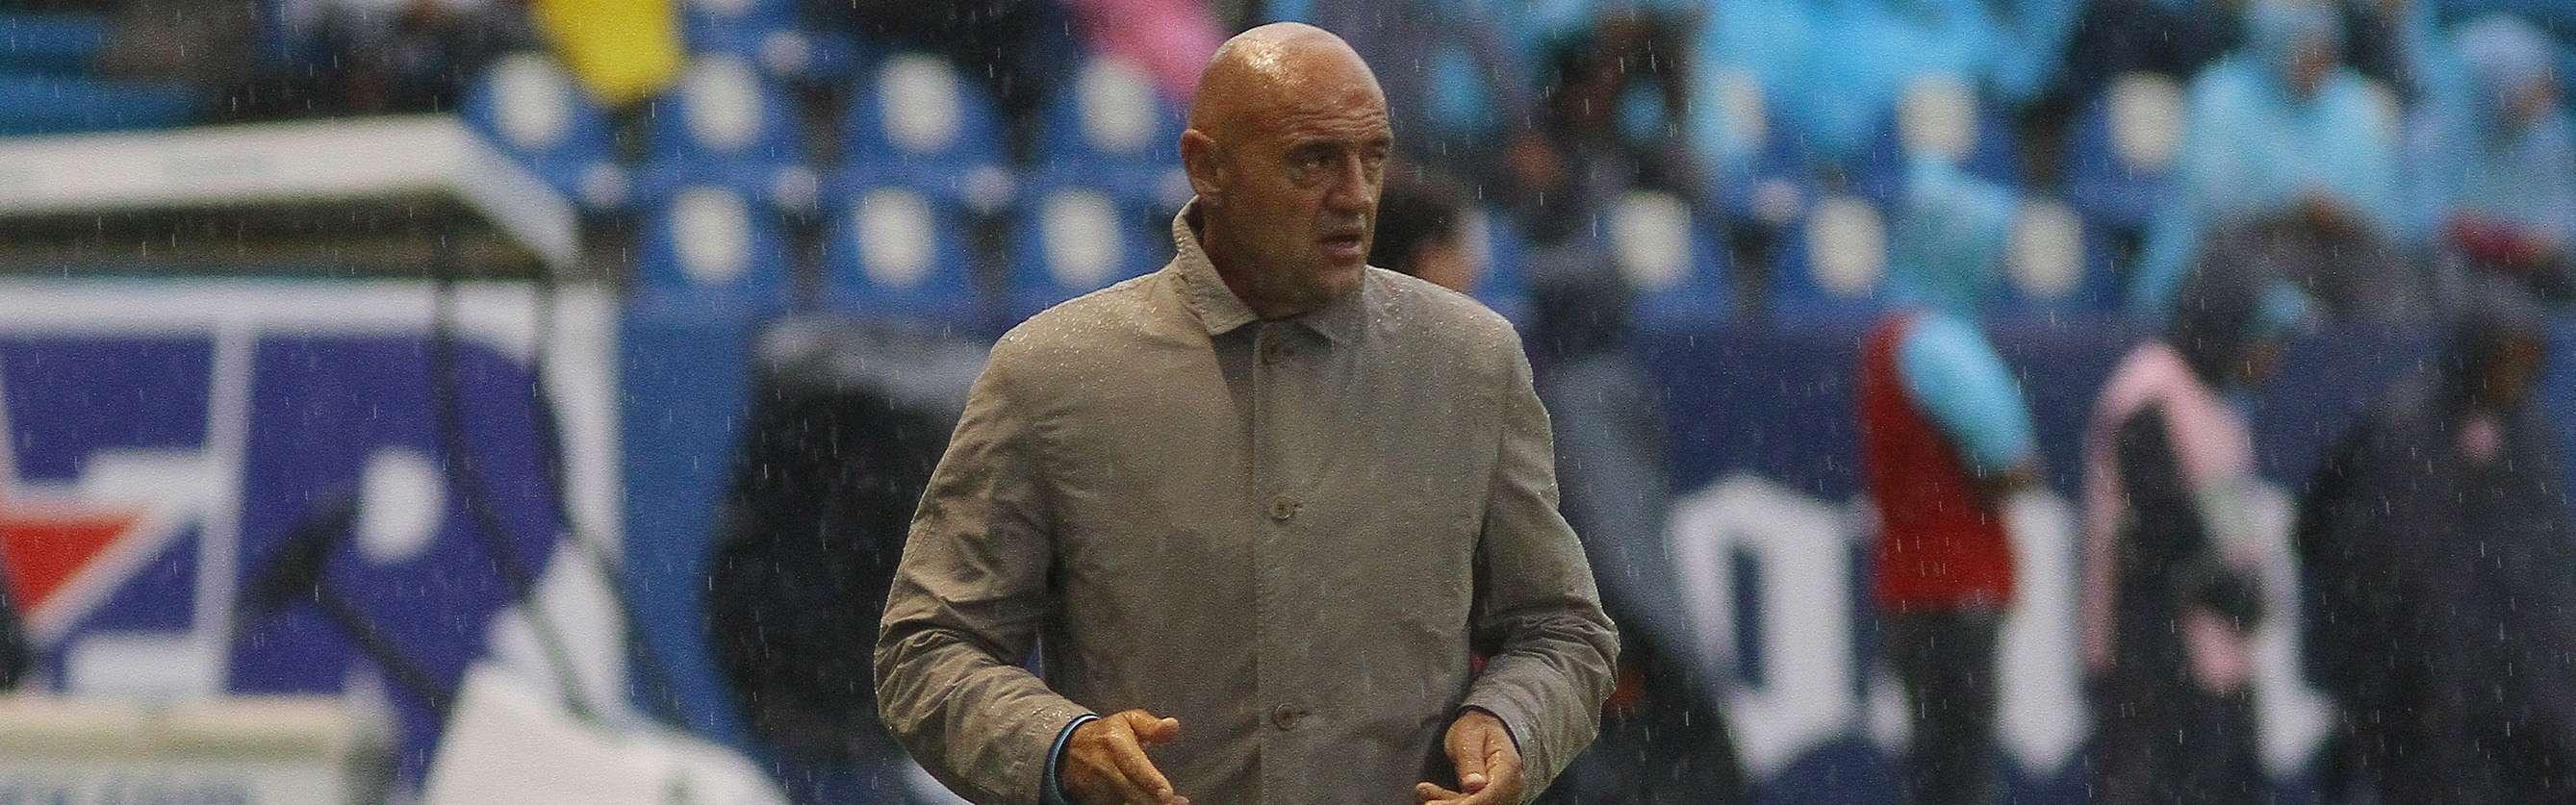 'Chelís', director técnico de Puebla, quiere que el equipo el equipo se atreva a romper esquemas al ataque. Foto: Imago7